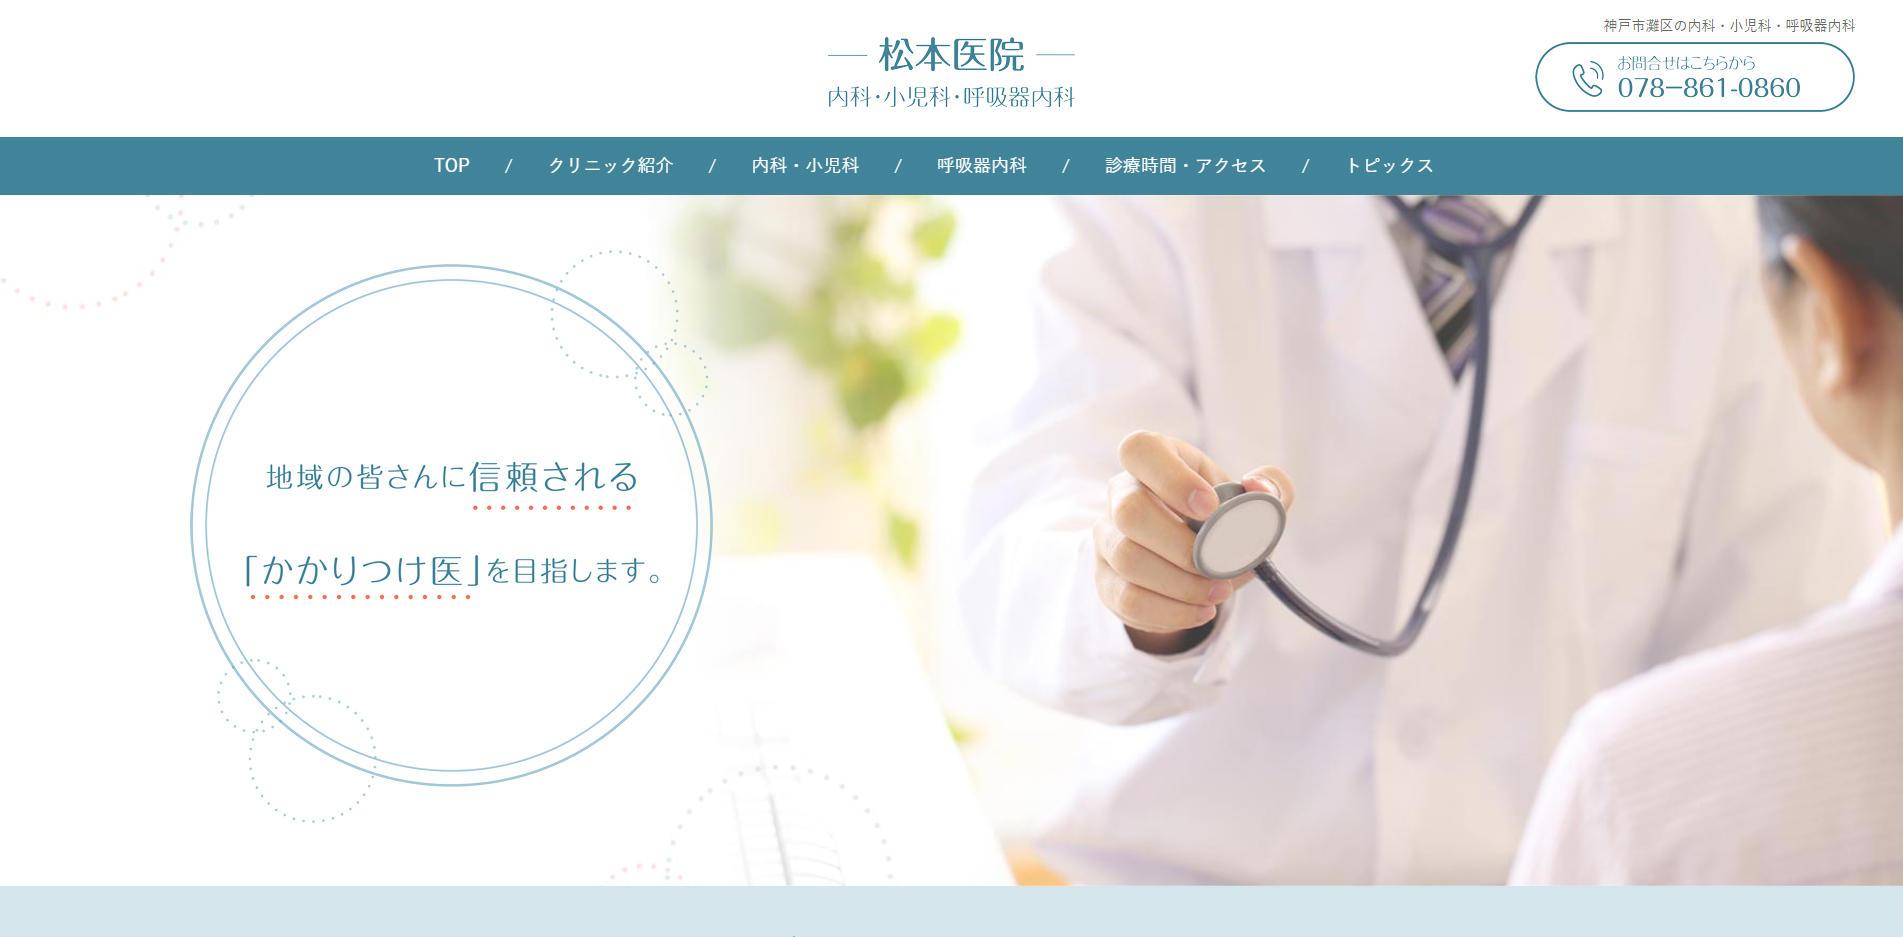 松本医院パソコン版